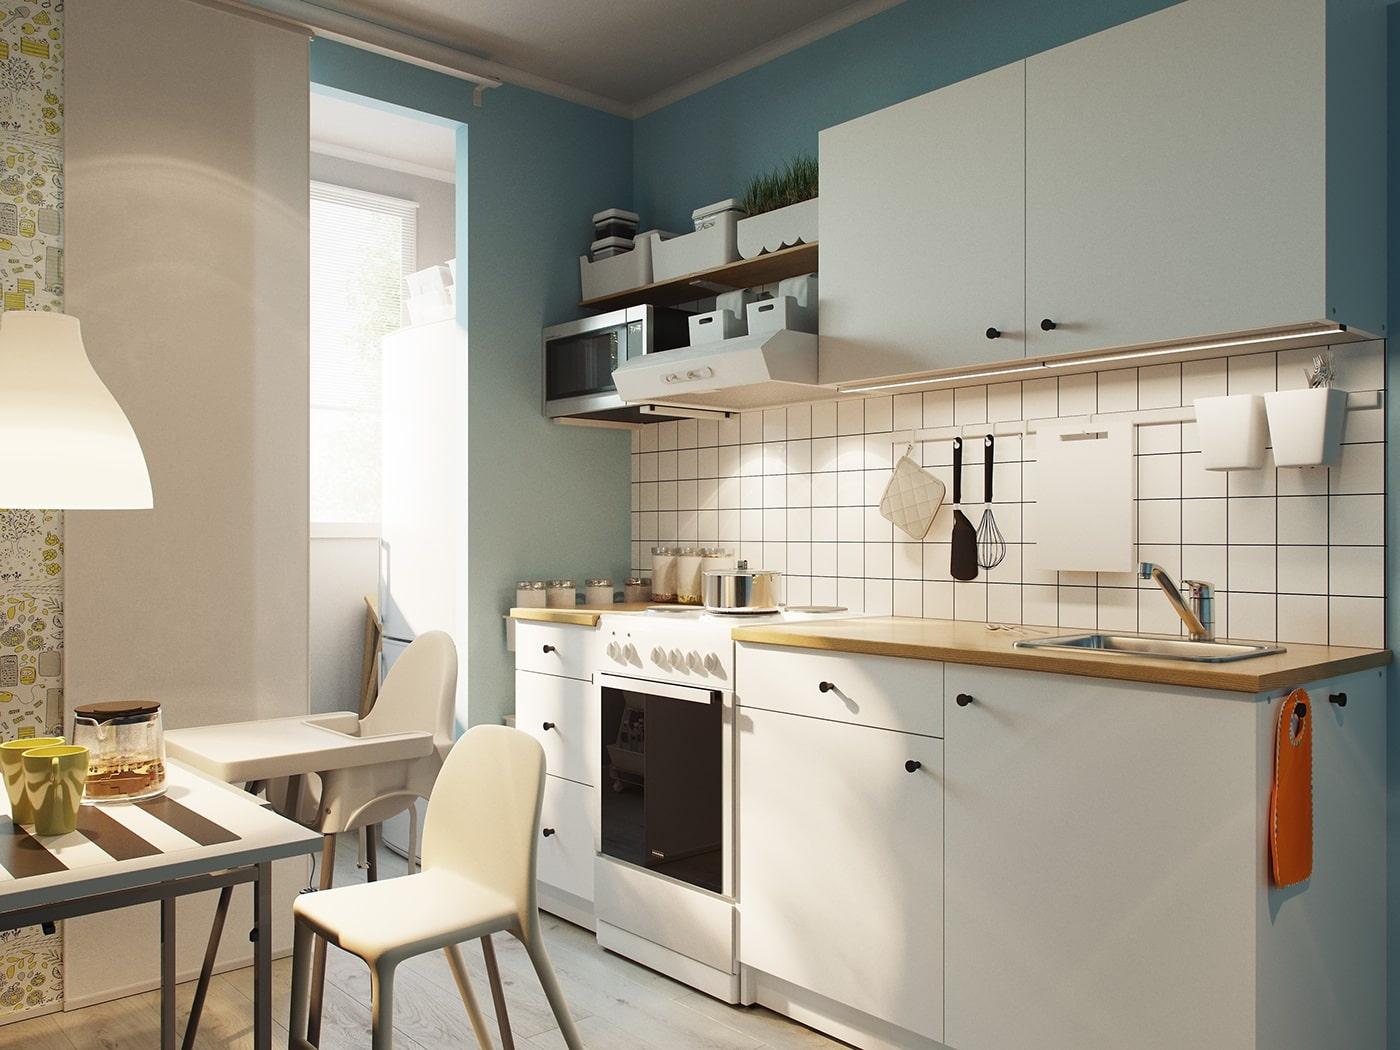 икеа кухни готовые решения